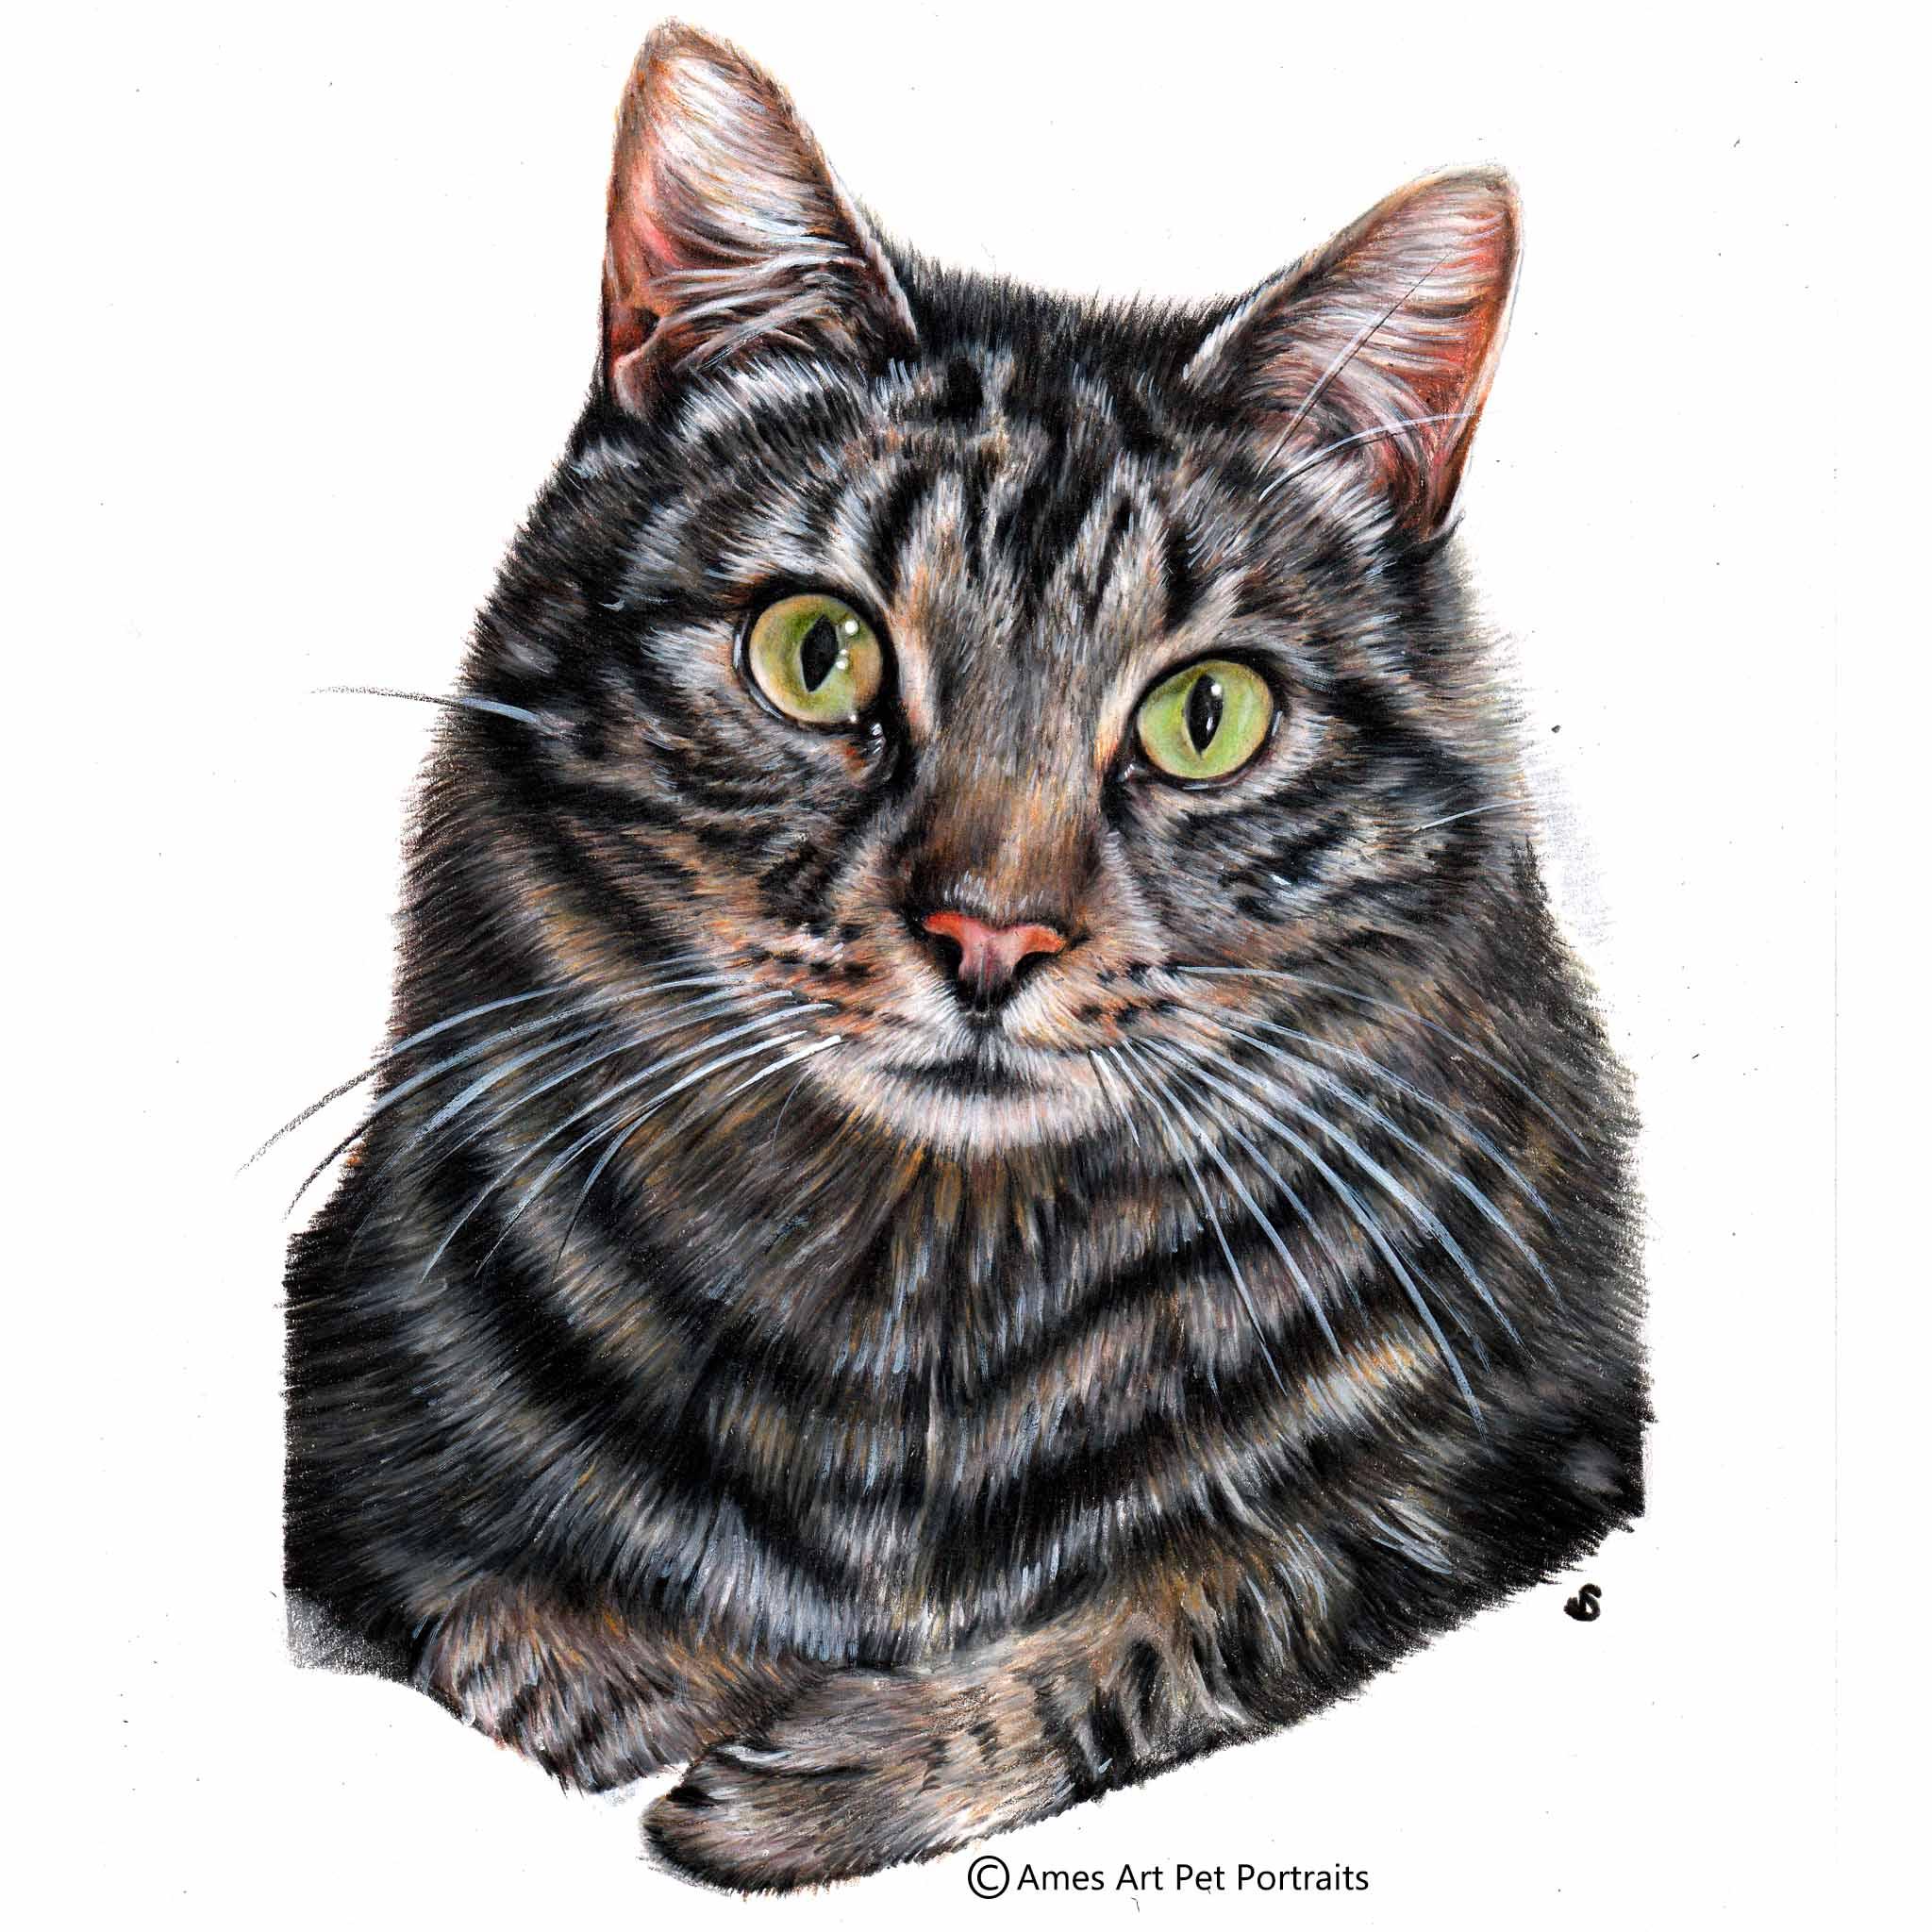 'Cooper' - AUS, 11.7 x 8.3 inches, 2017, Colour Pencil Cat Portrait